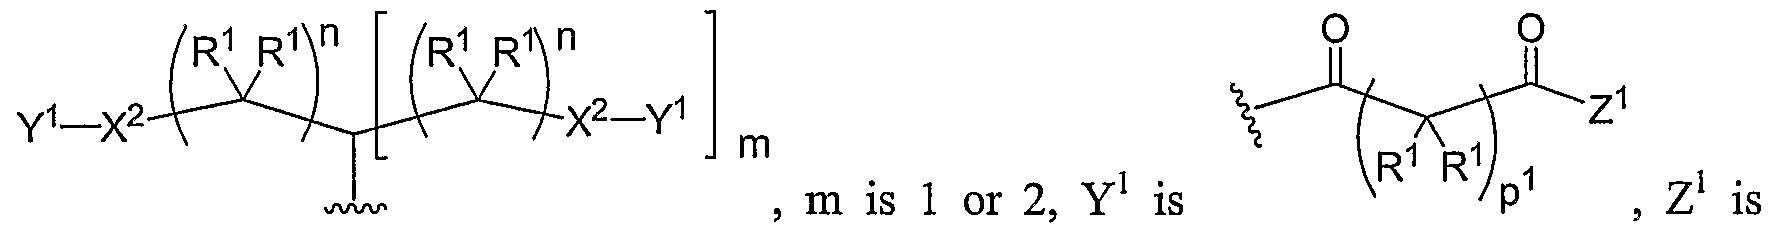 Figure imgf000312_0005